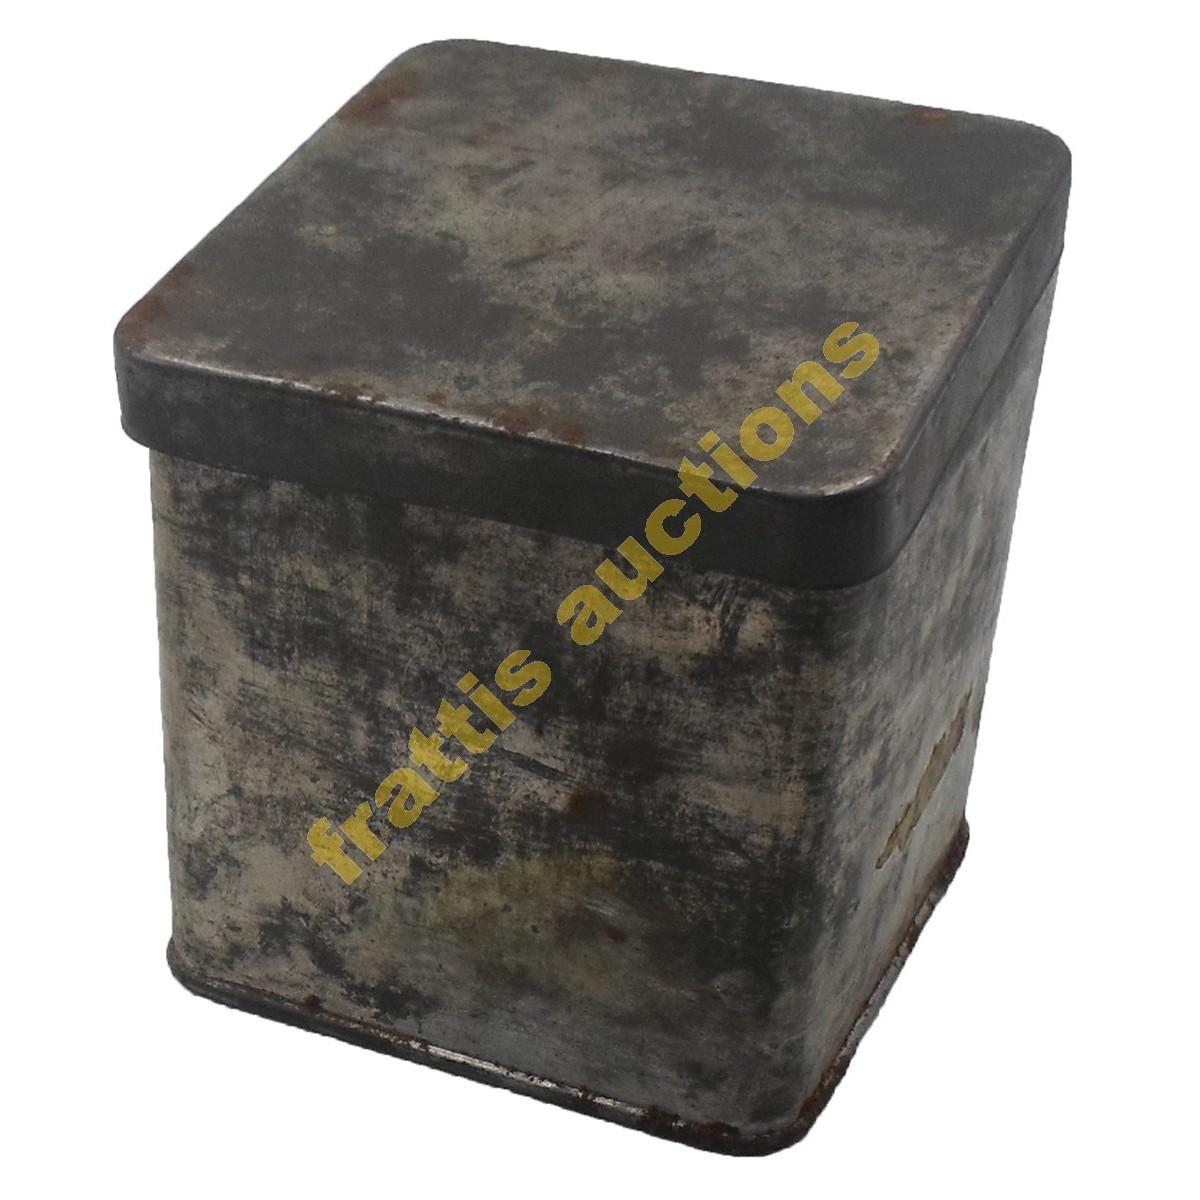 Lipton,Μεταλλικό κουτί.